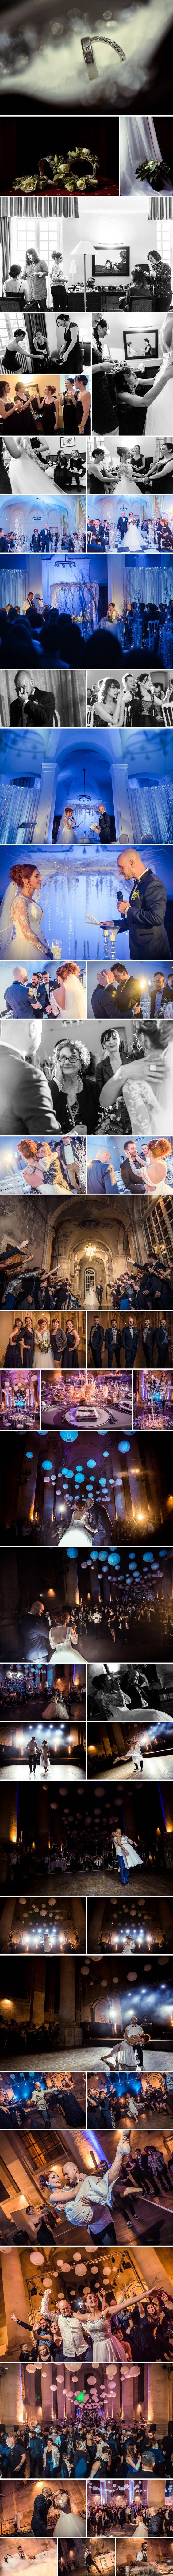 mariage wedding abbaye des prémontrés pont à mousson photo photographe photographe